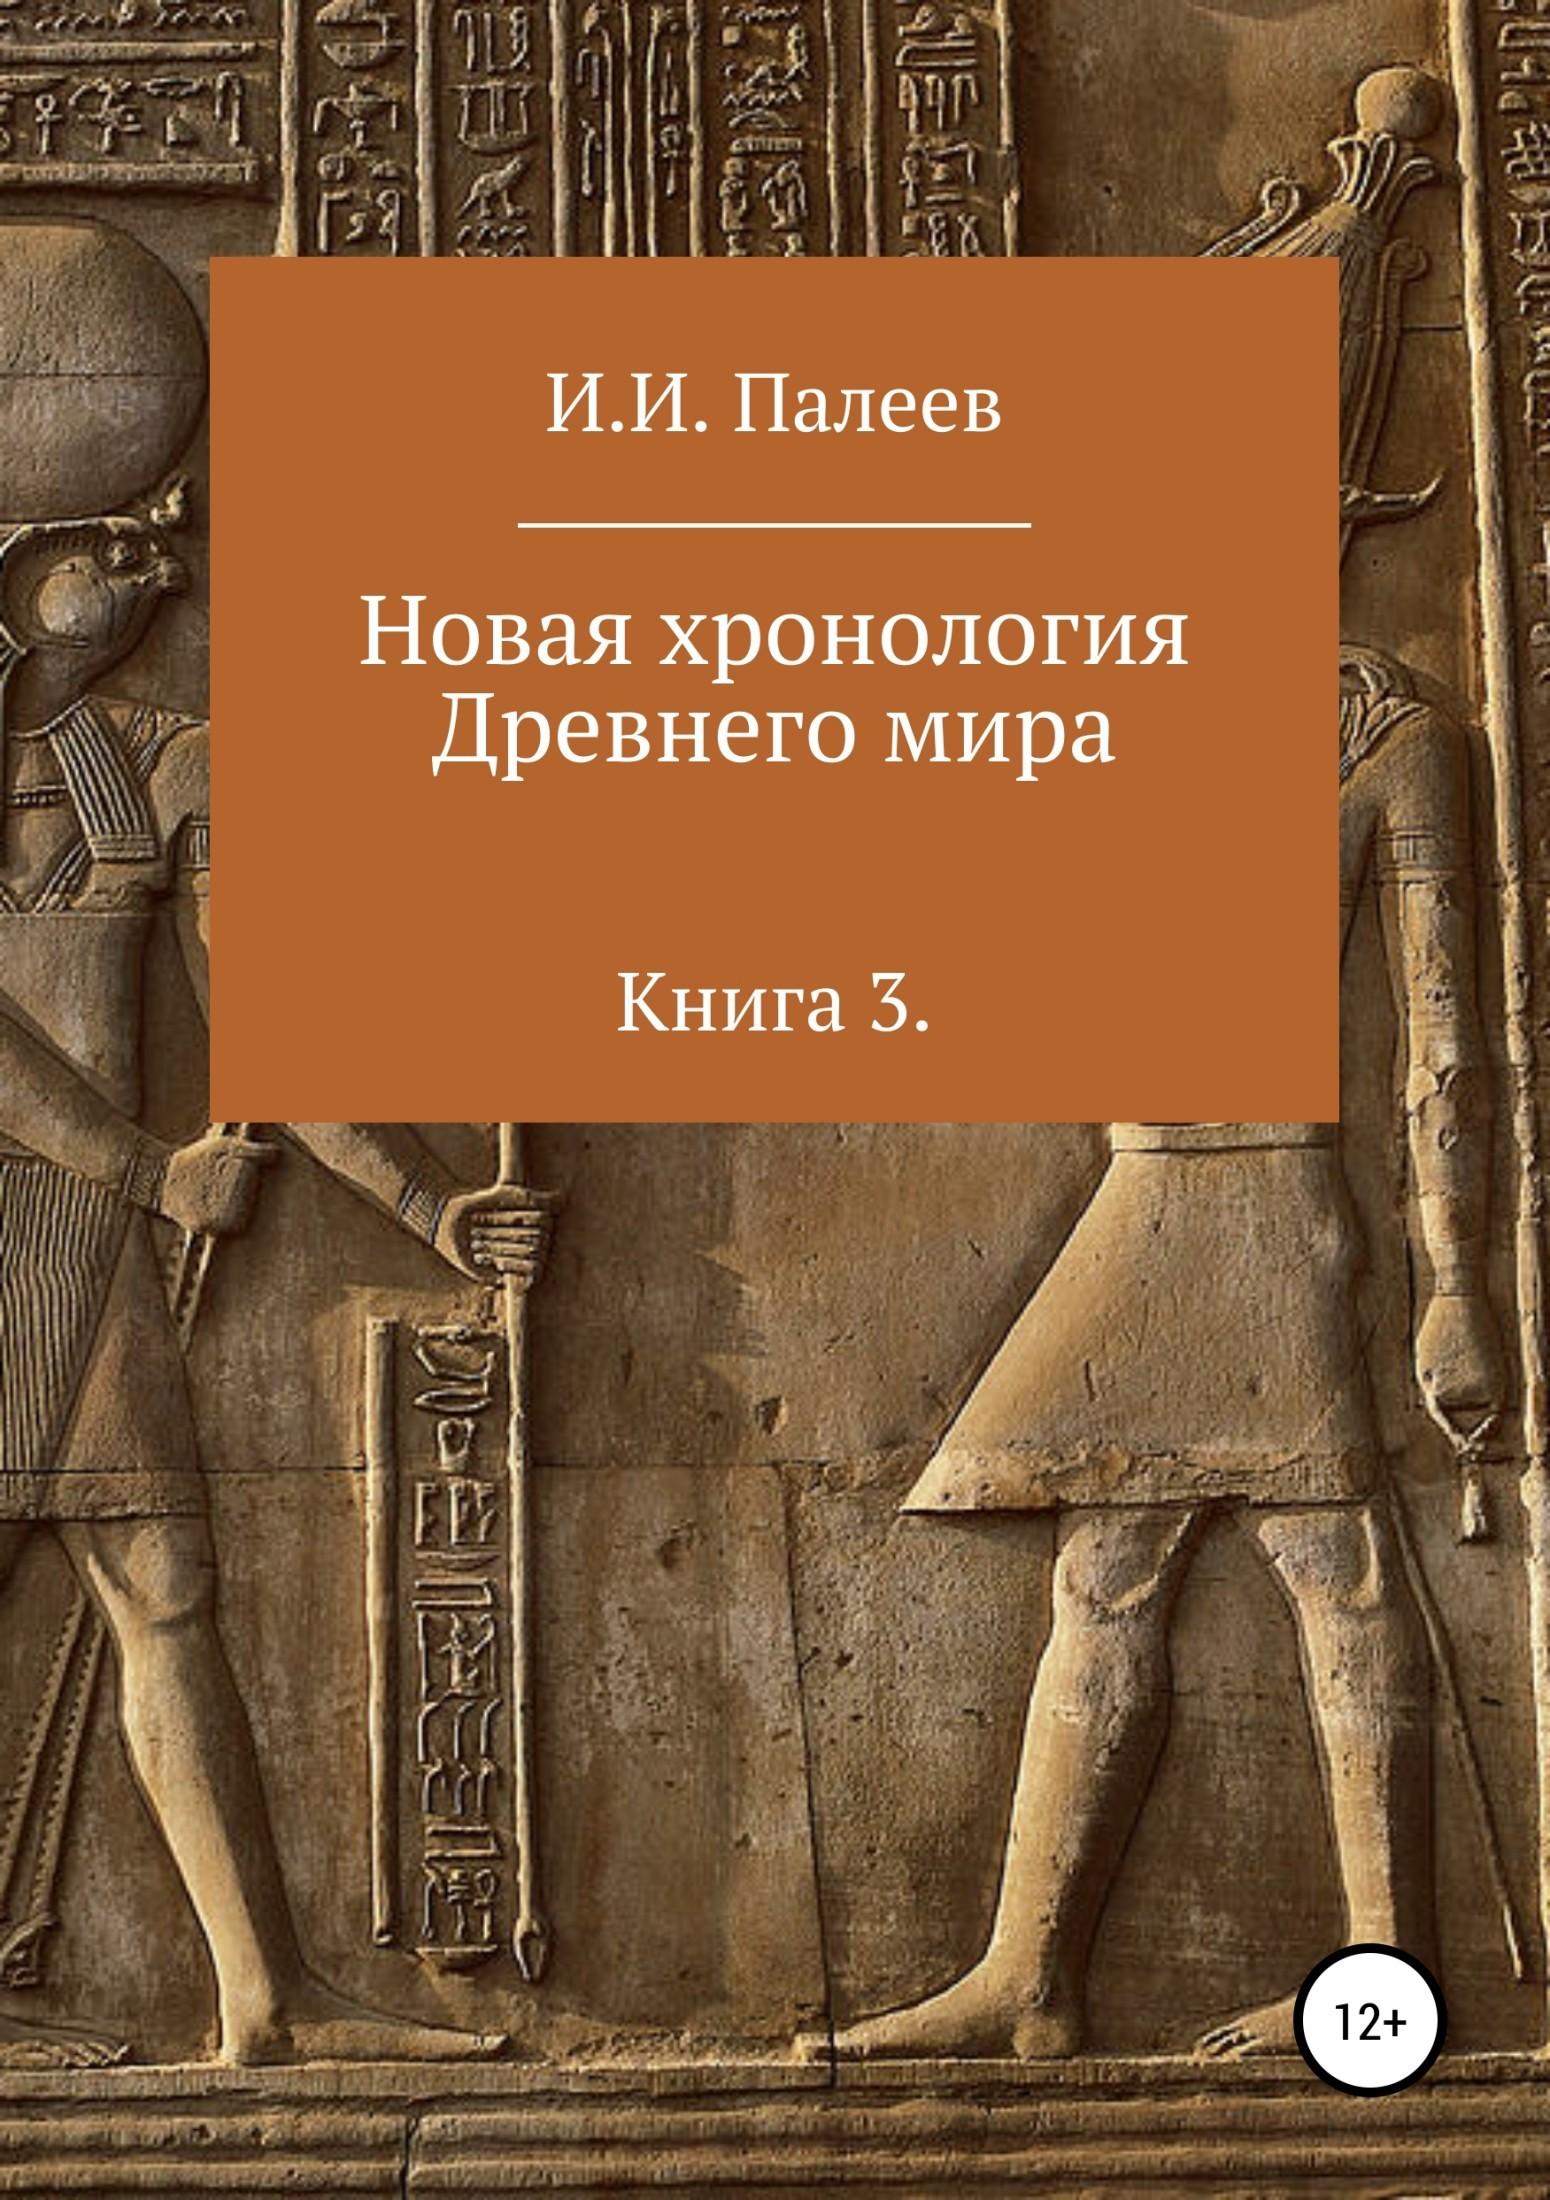 Игорь Палеев - Новая хронология Древнего мира. Книга 3